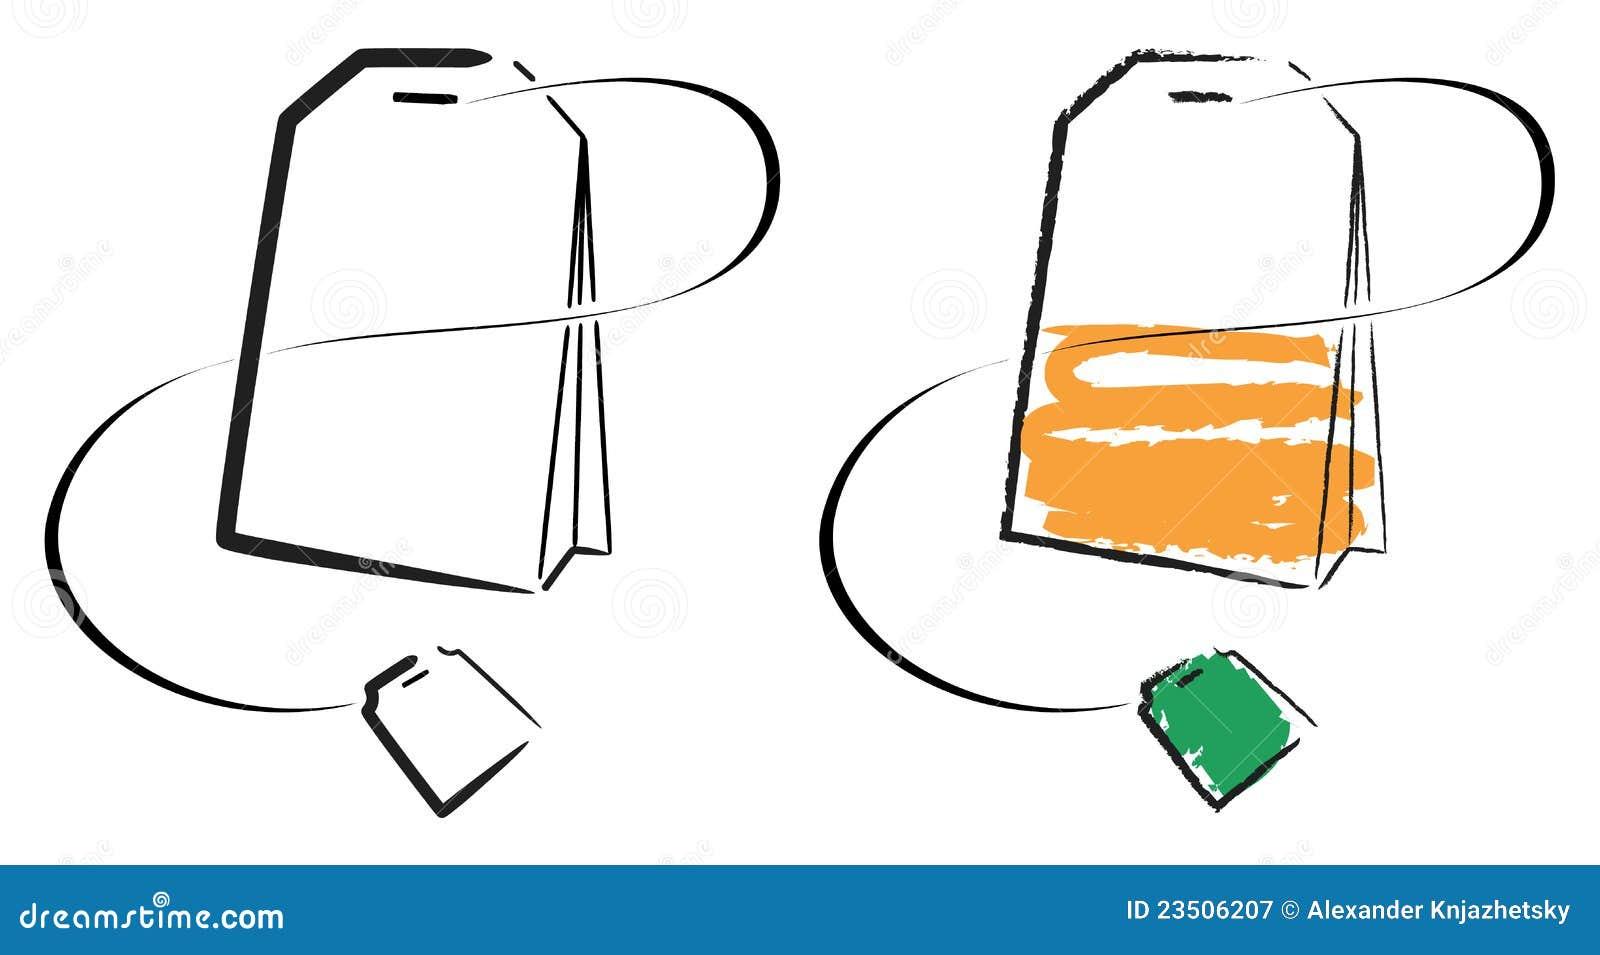 clip art tea bag - photo #3